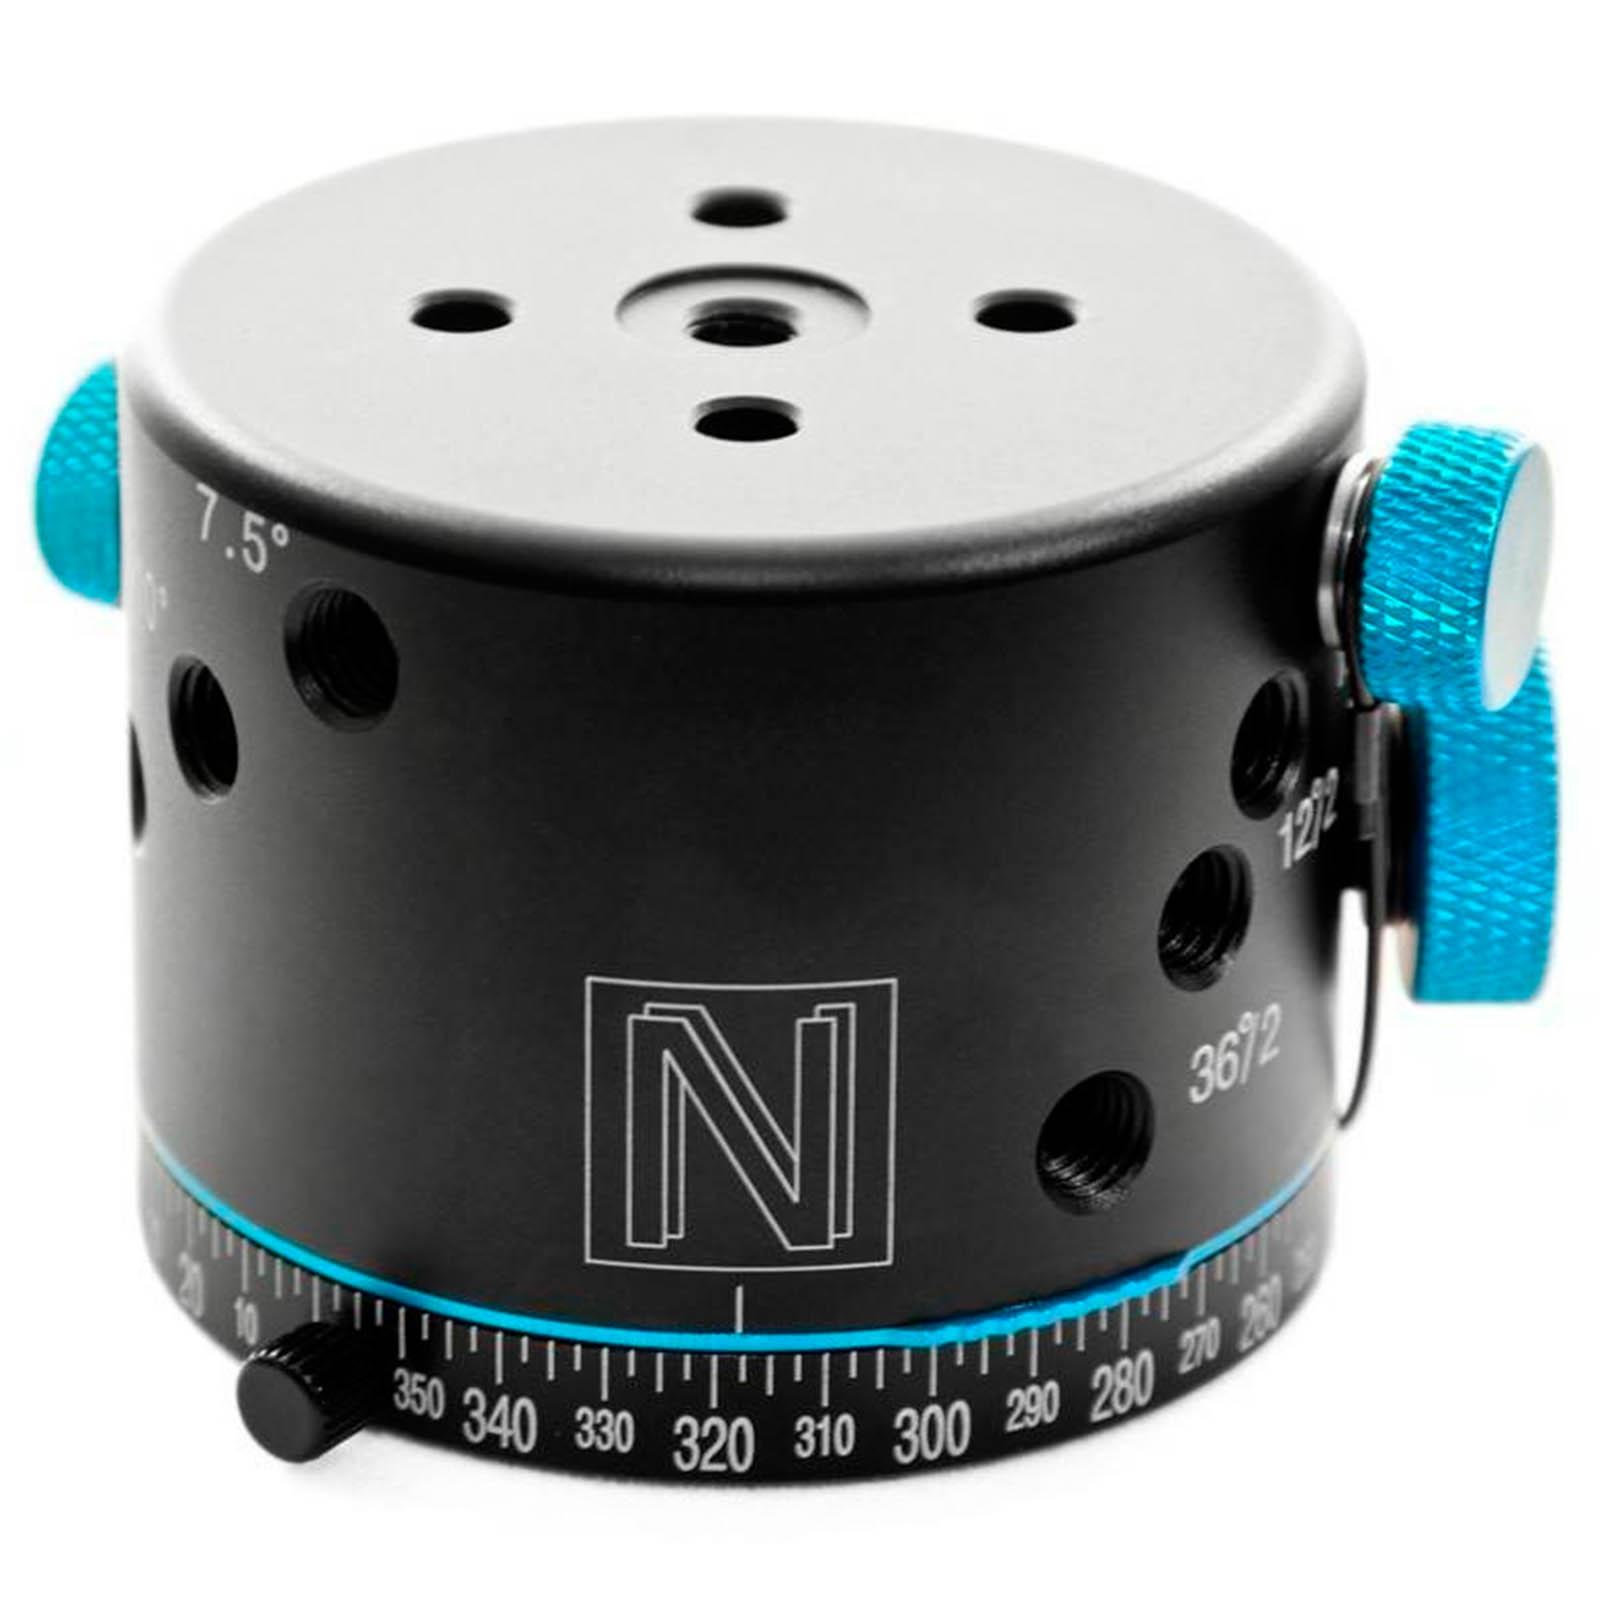 360dictos - Nodal Ninja - Rotor Avanzado RD16-II - F1161